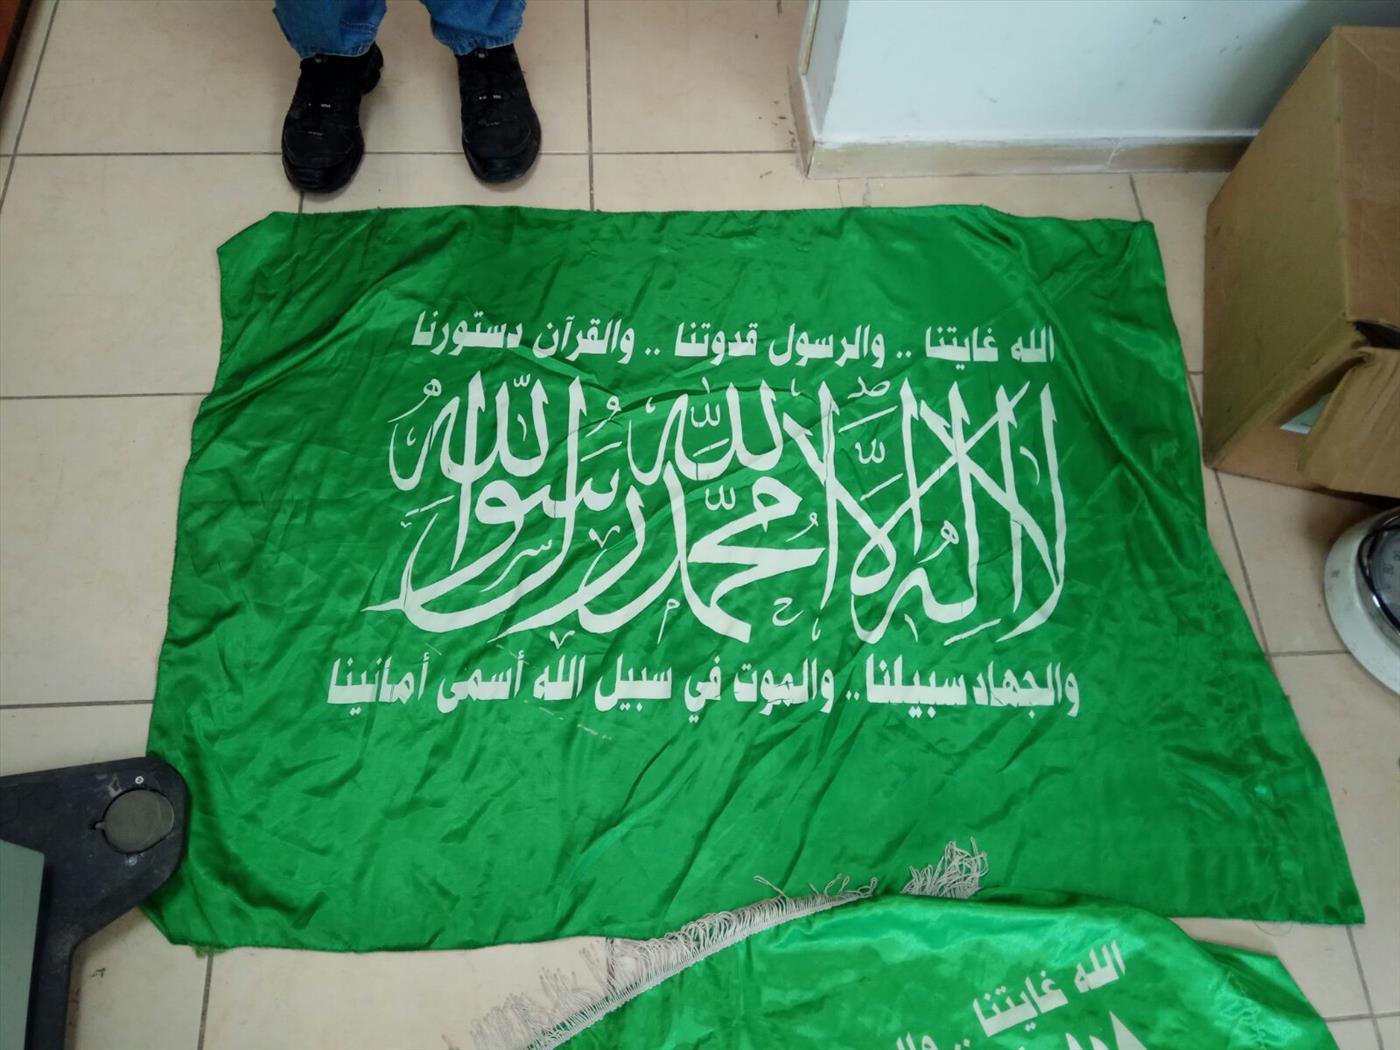 דגלי החמאס שתפסו בביתו של החשוד שפרץ ובתים וגרם נזק ממניע גזעני. צילום: דוברות המשטרה